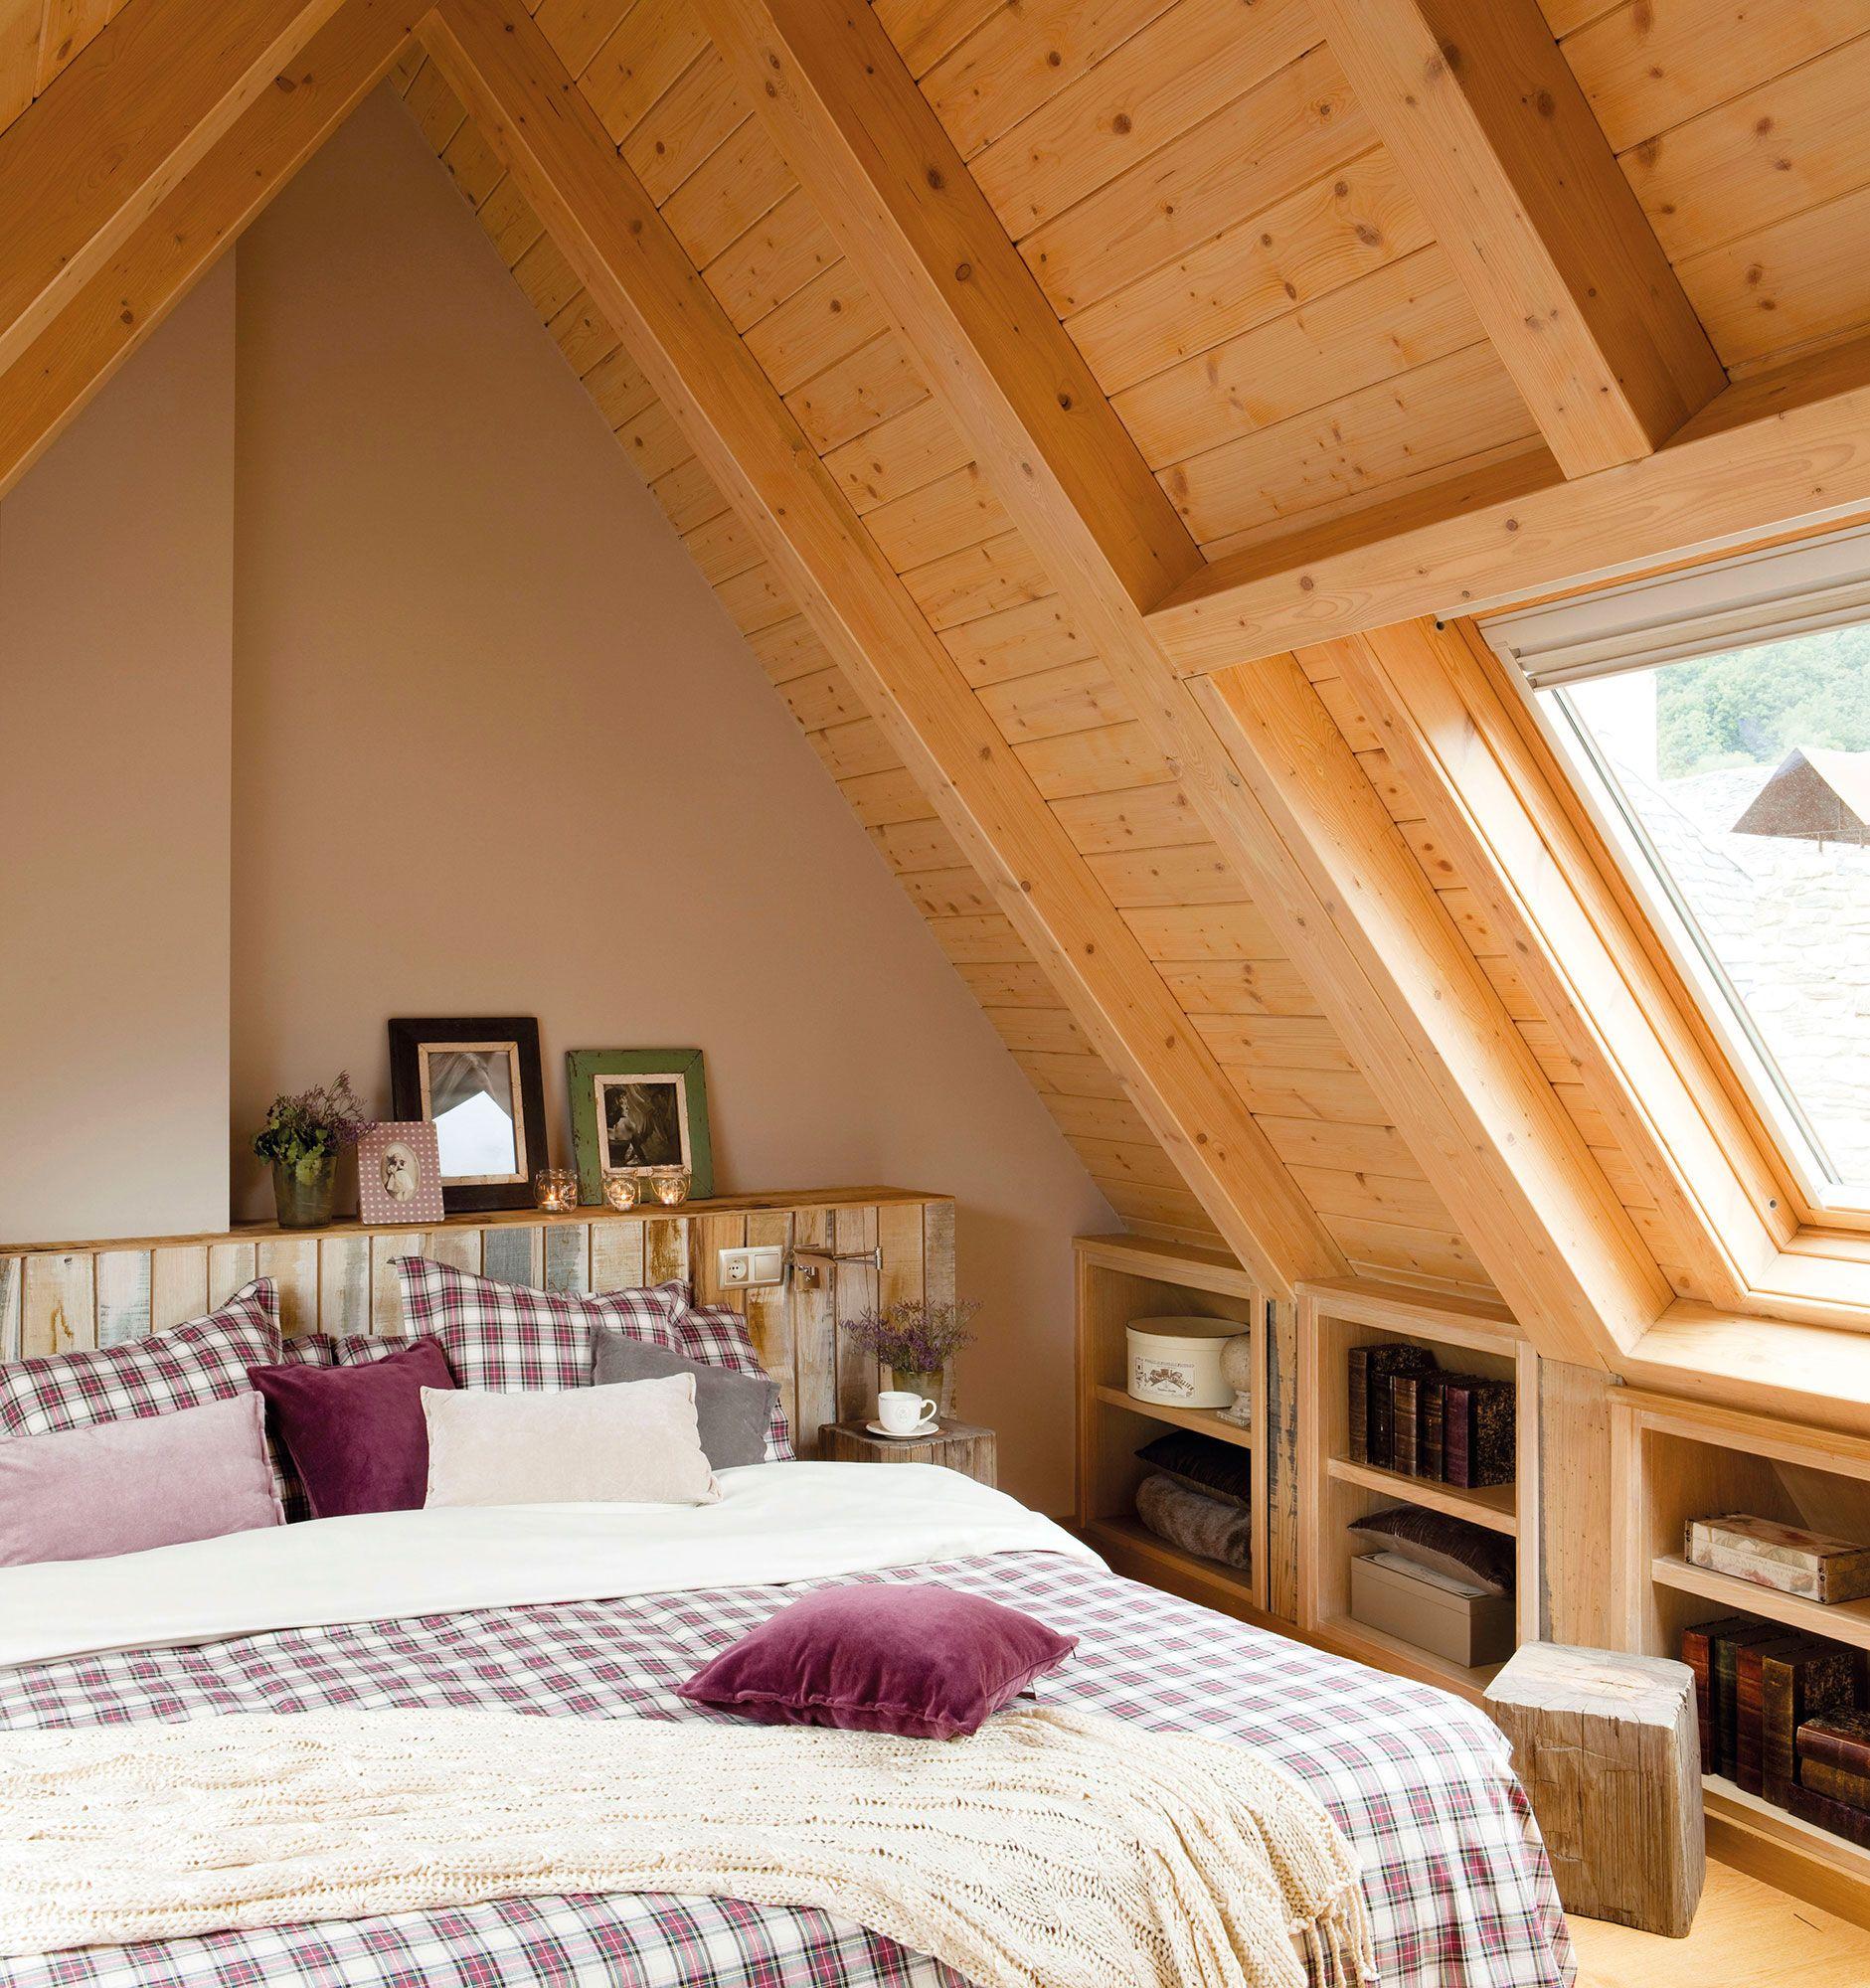 Dormitorio r stico en buhardilla con cabecero y techo de - Habitaciones en buhardillas ...